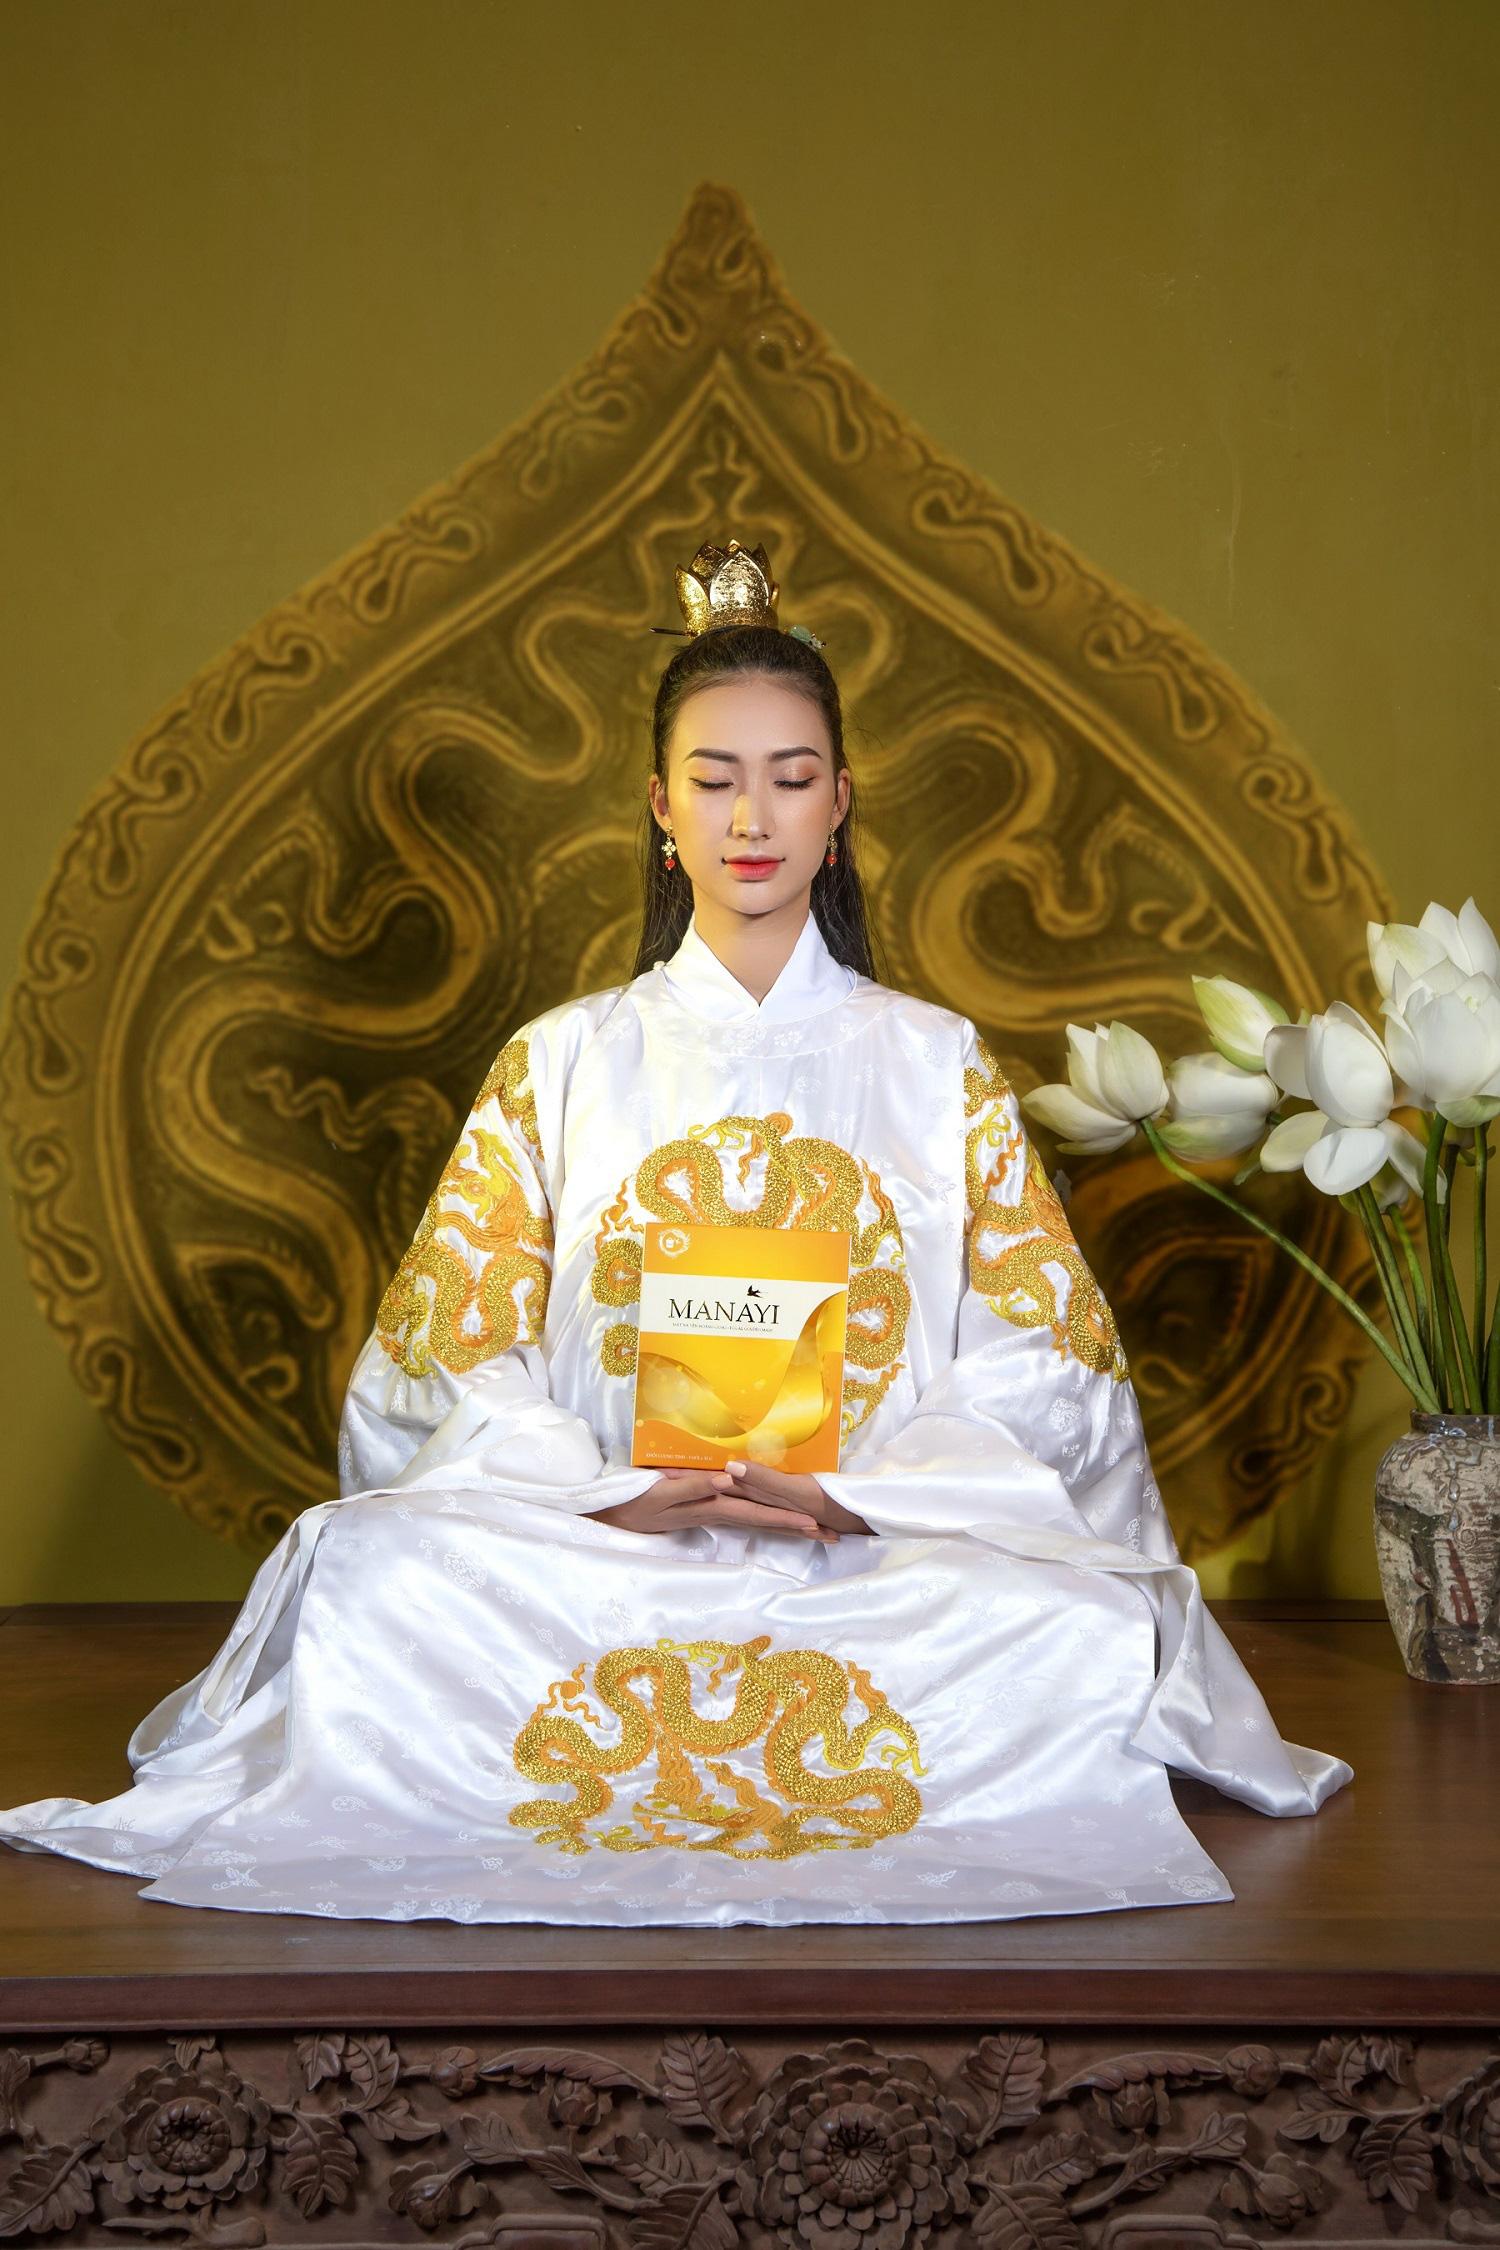 """Ấn tượng bộ ảnh """"Manayi - vàng son một thuở"""" tôn vinh hương sắc đất Việt ngàn năm - Ảnh 7."""